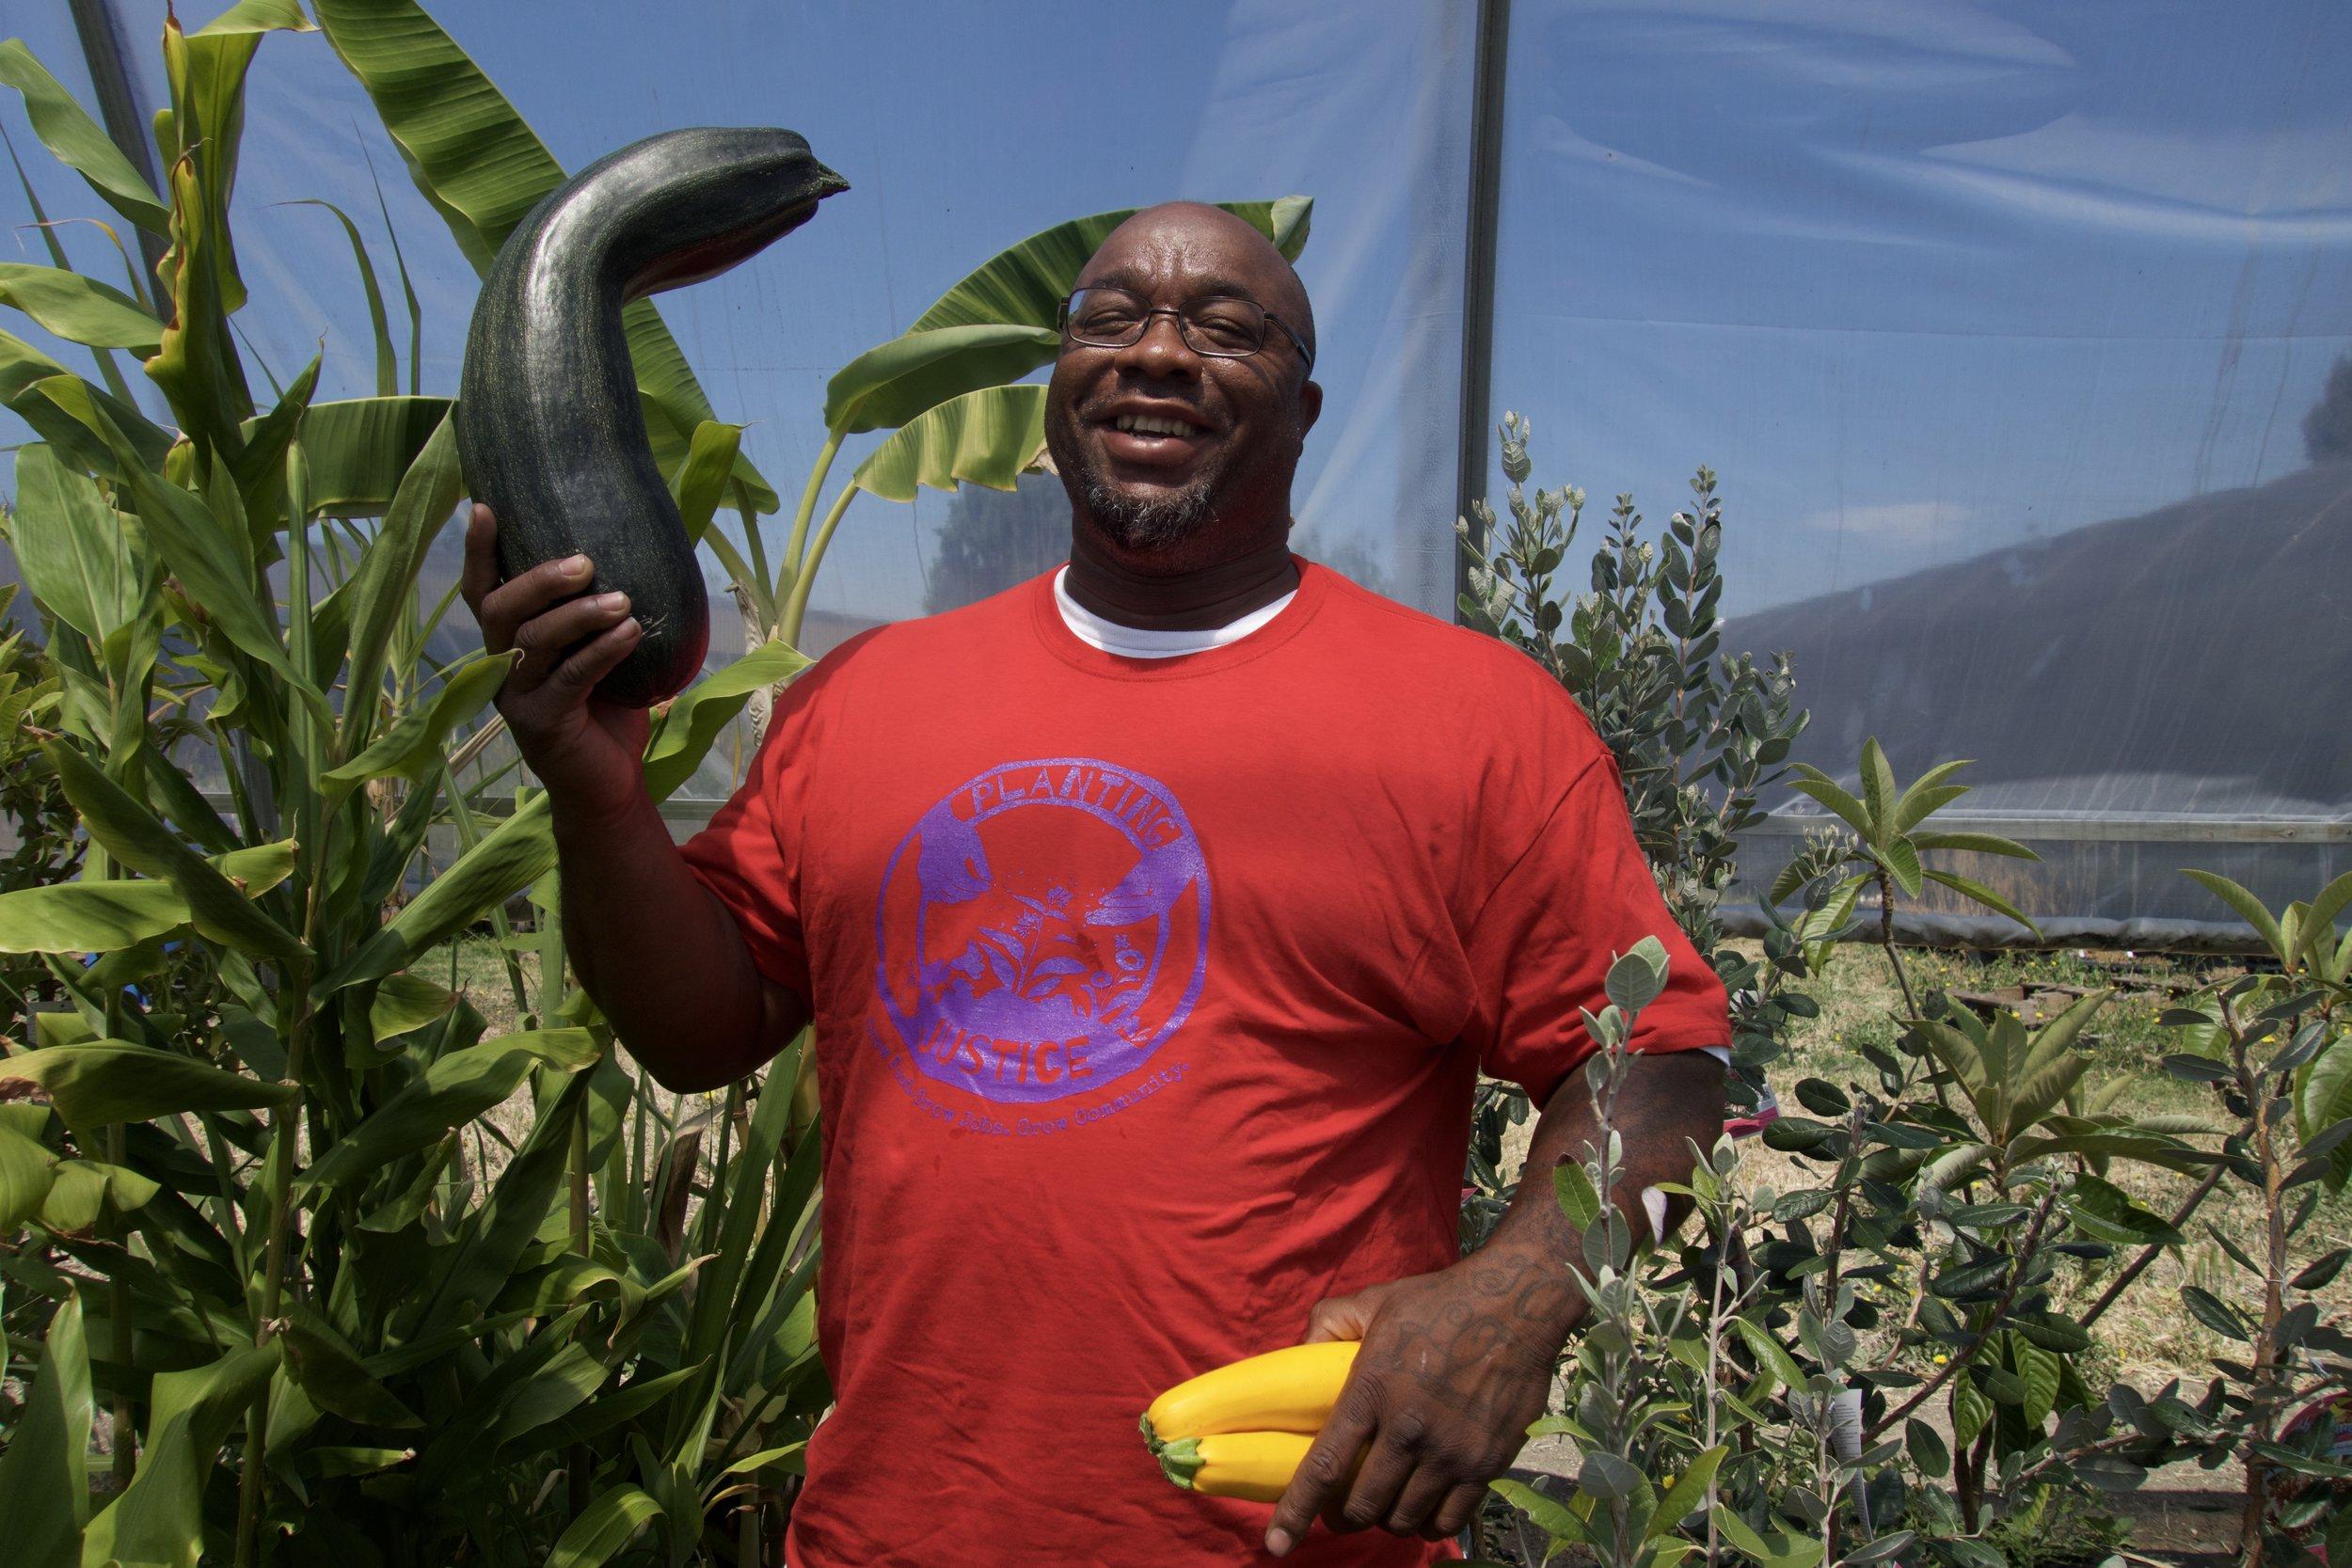 Planting Justice Nursery Team, Otis